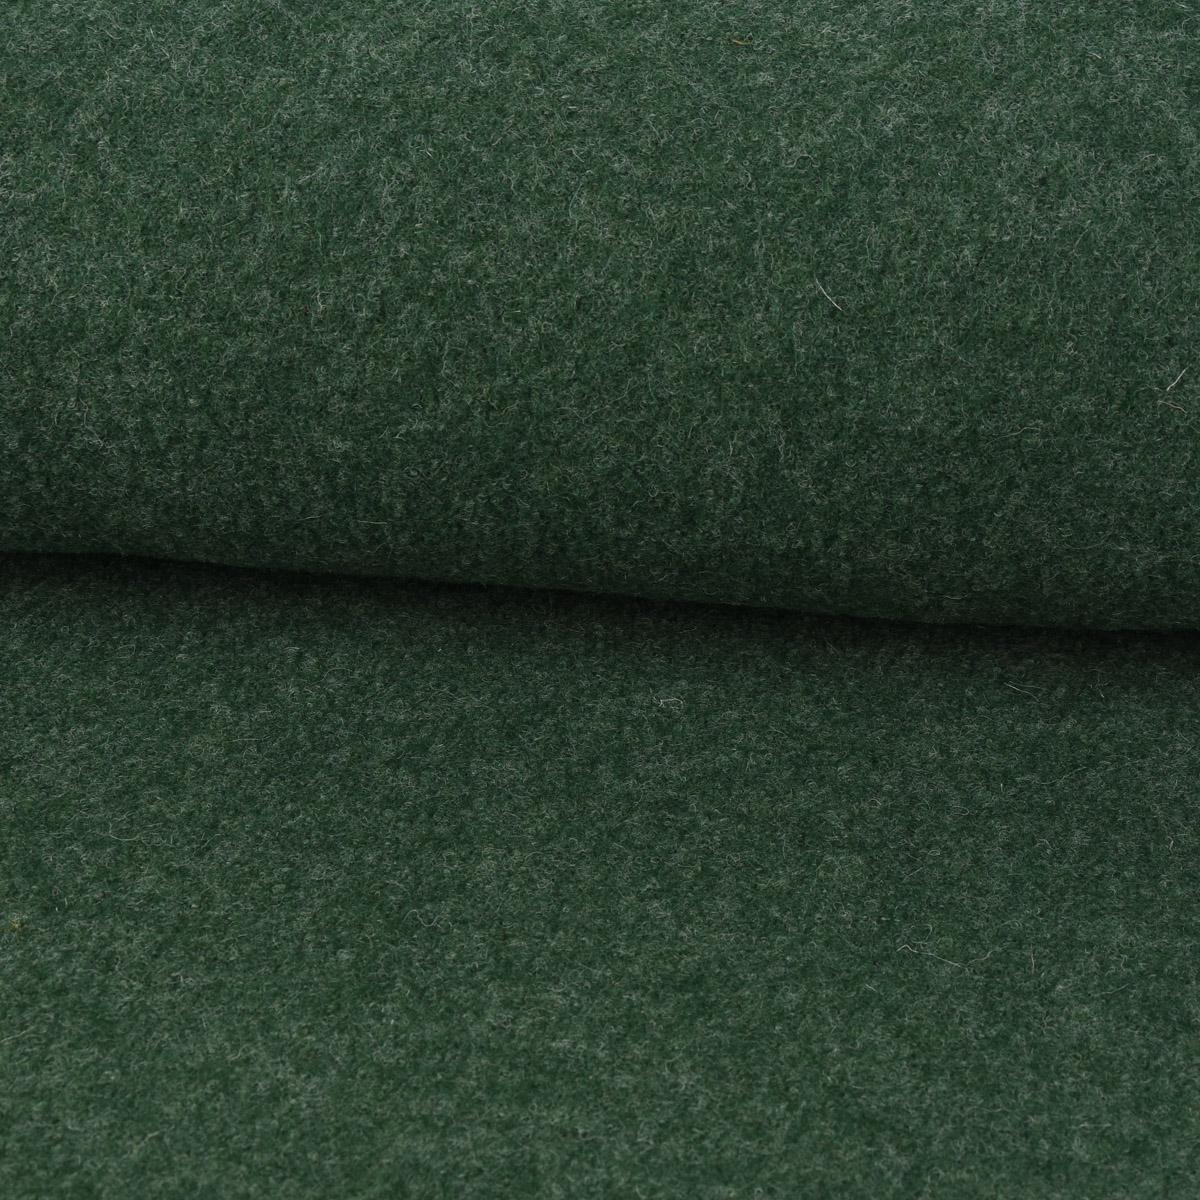 Mantelstoff Bekleidungsstoff Walkloden Wolle tannengrün meliert 1,46m Breite